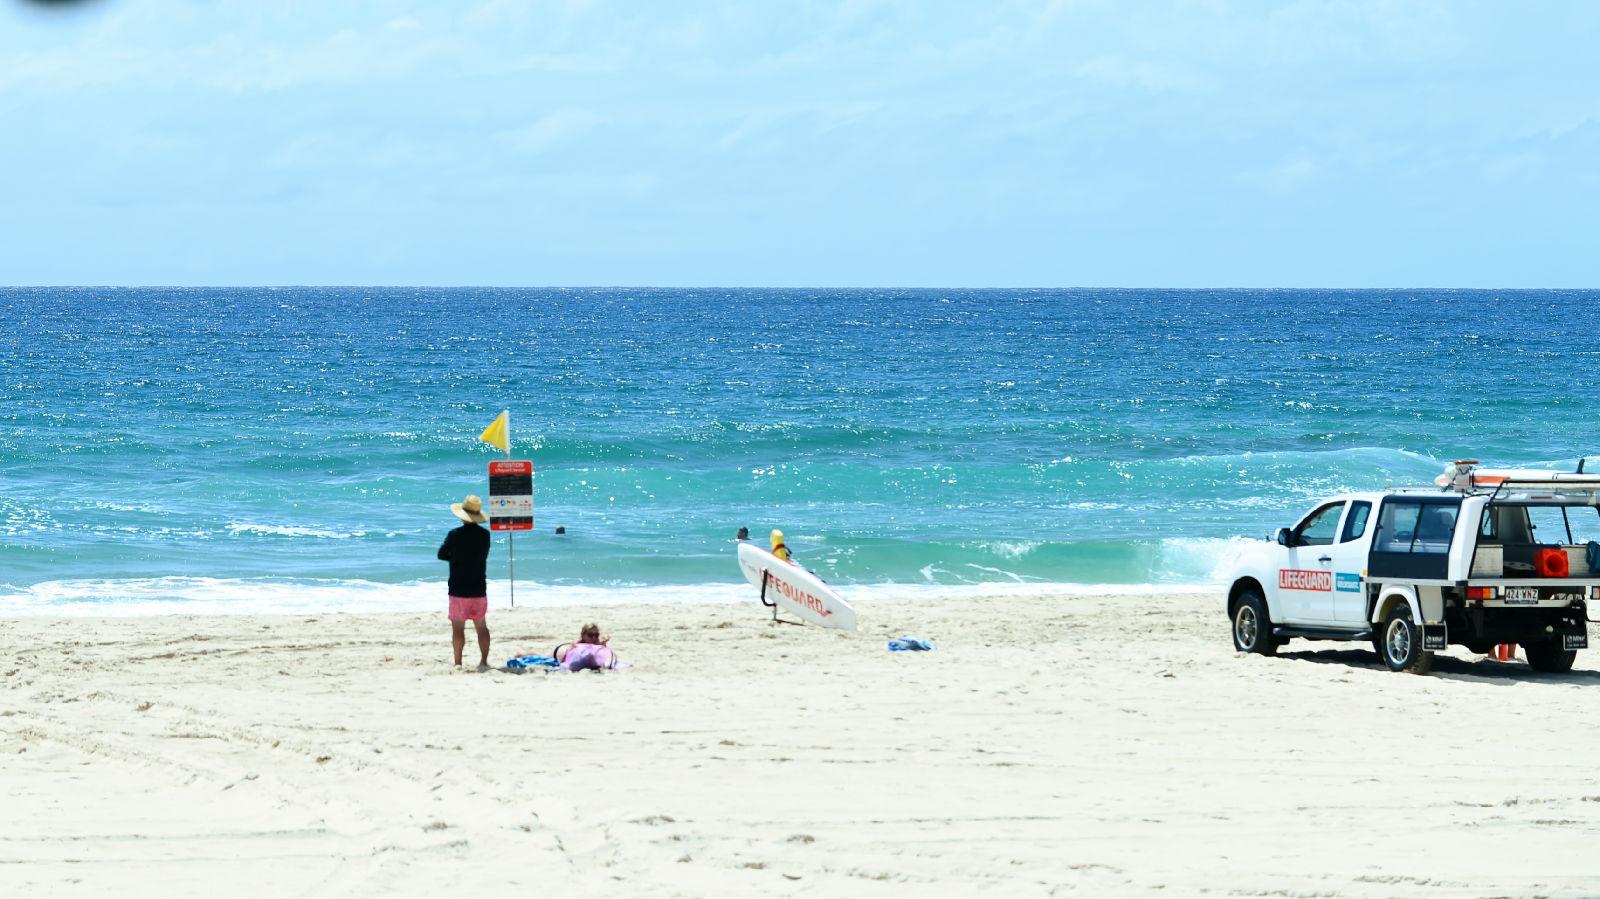 澳大利亚旅游攻略图片26